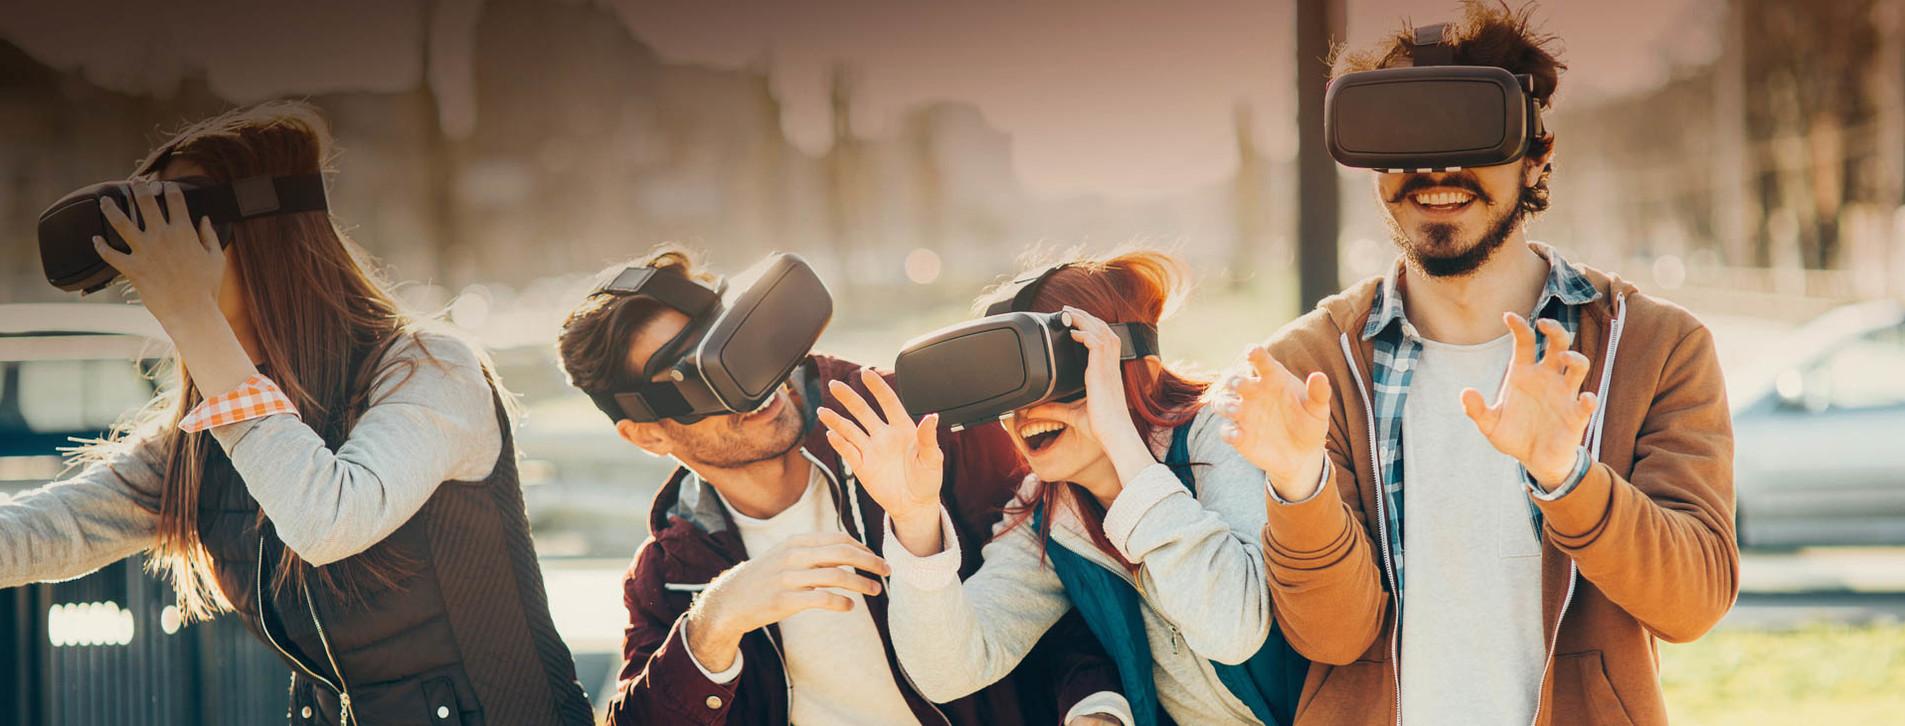 Фото 1 - Квест виртуальной реальности